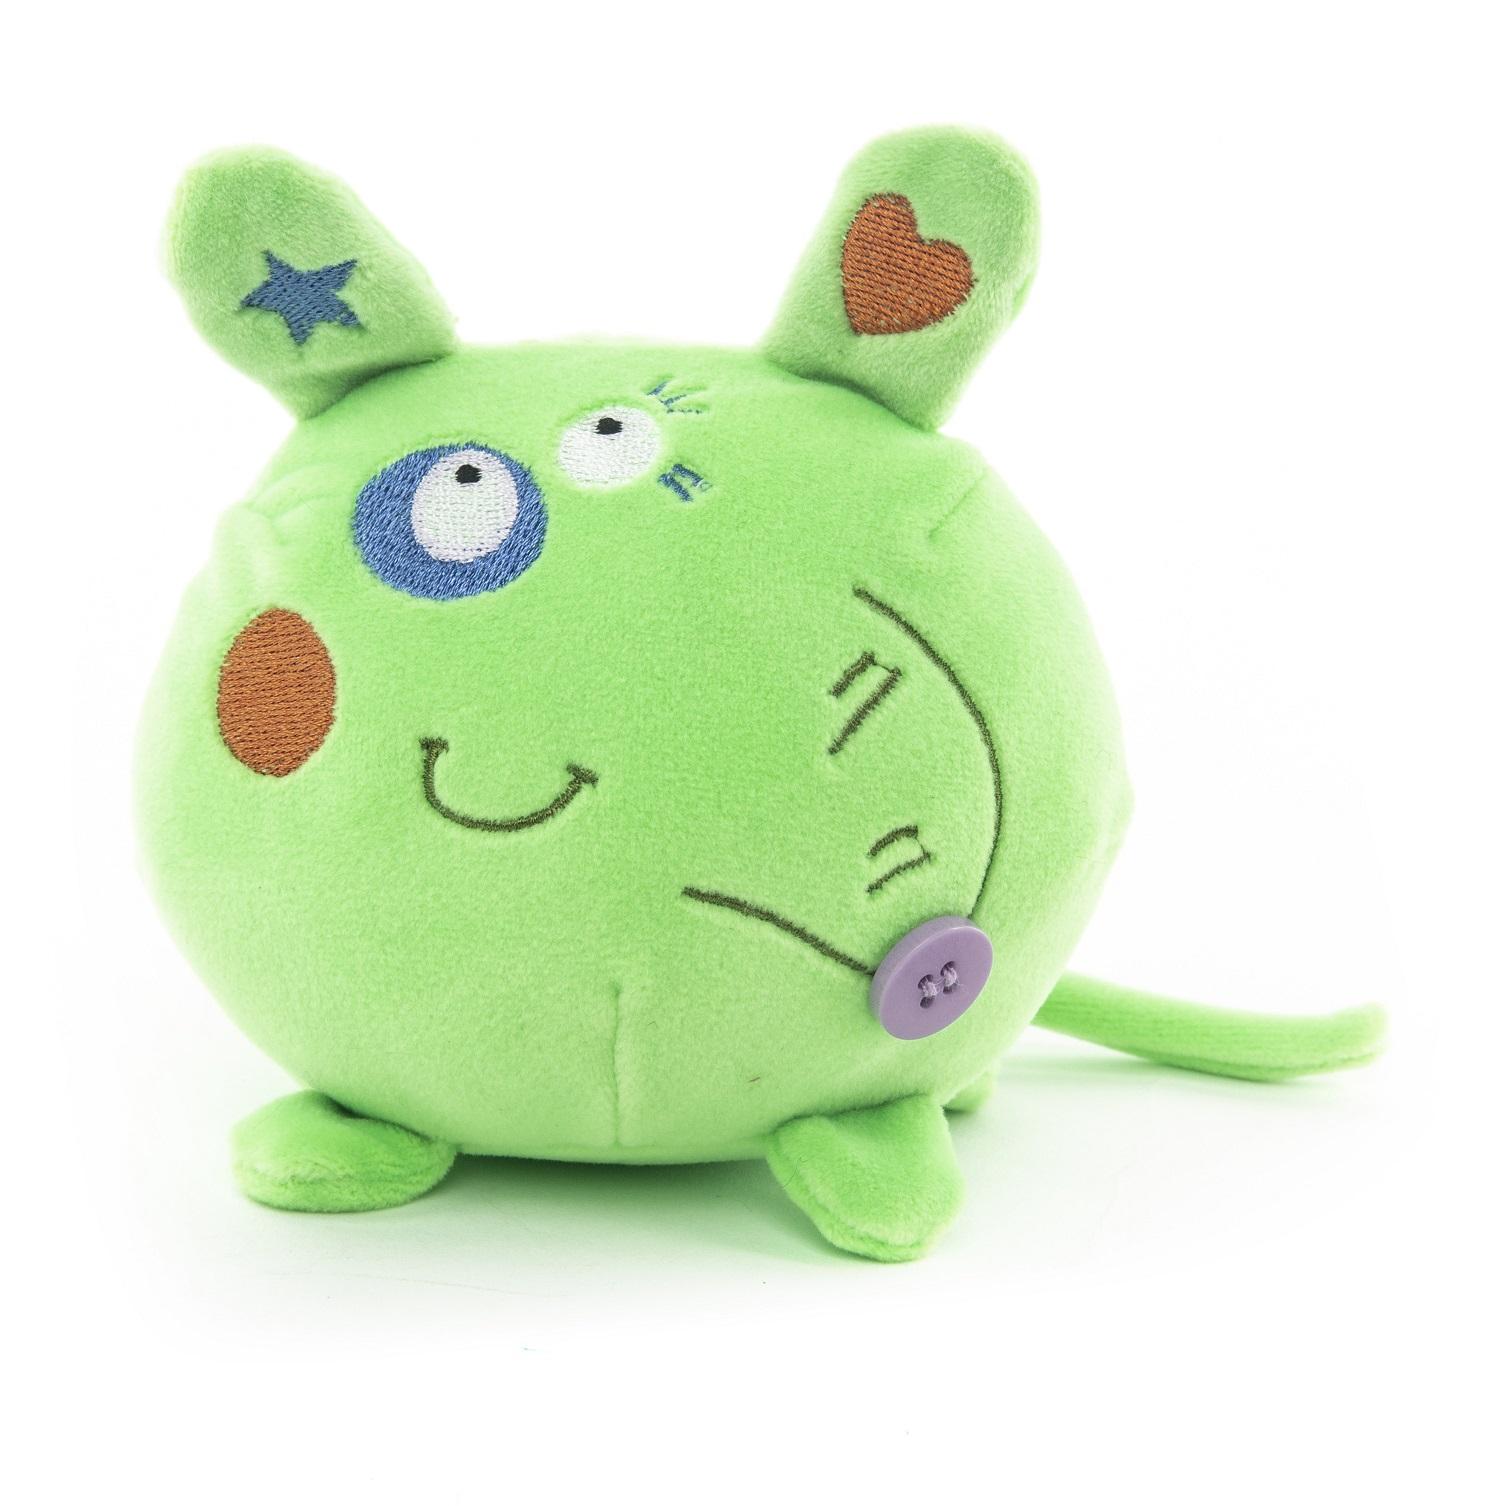 Мягкая игрушка - Мышка зеленая, 10 см фото